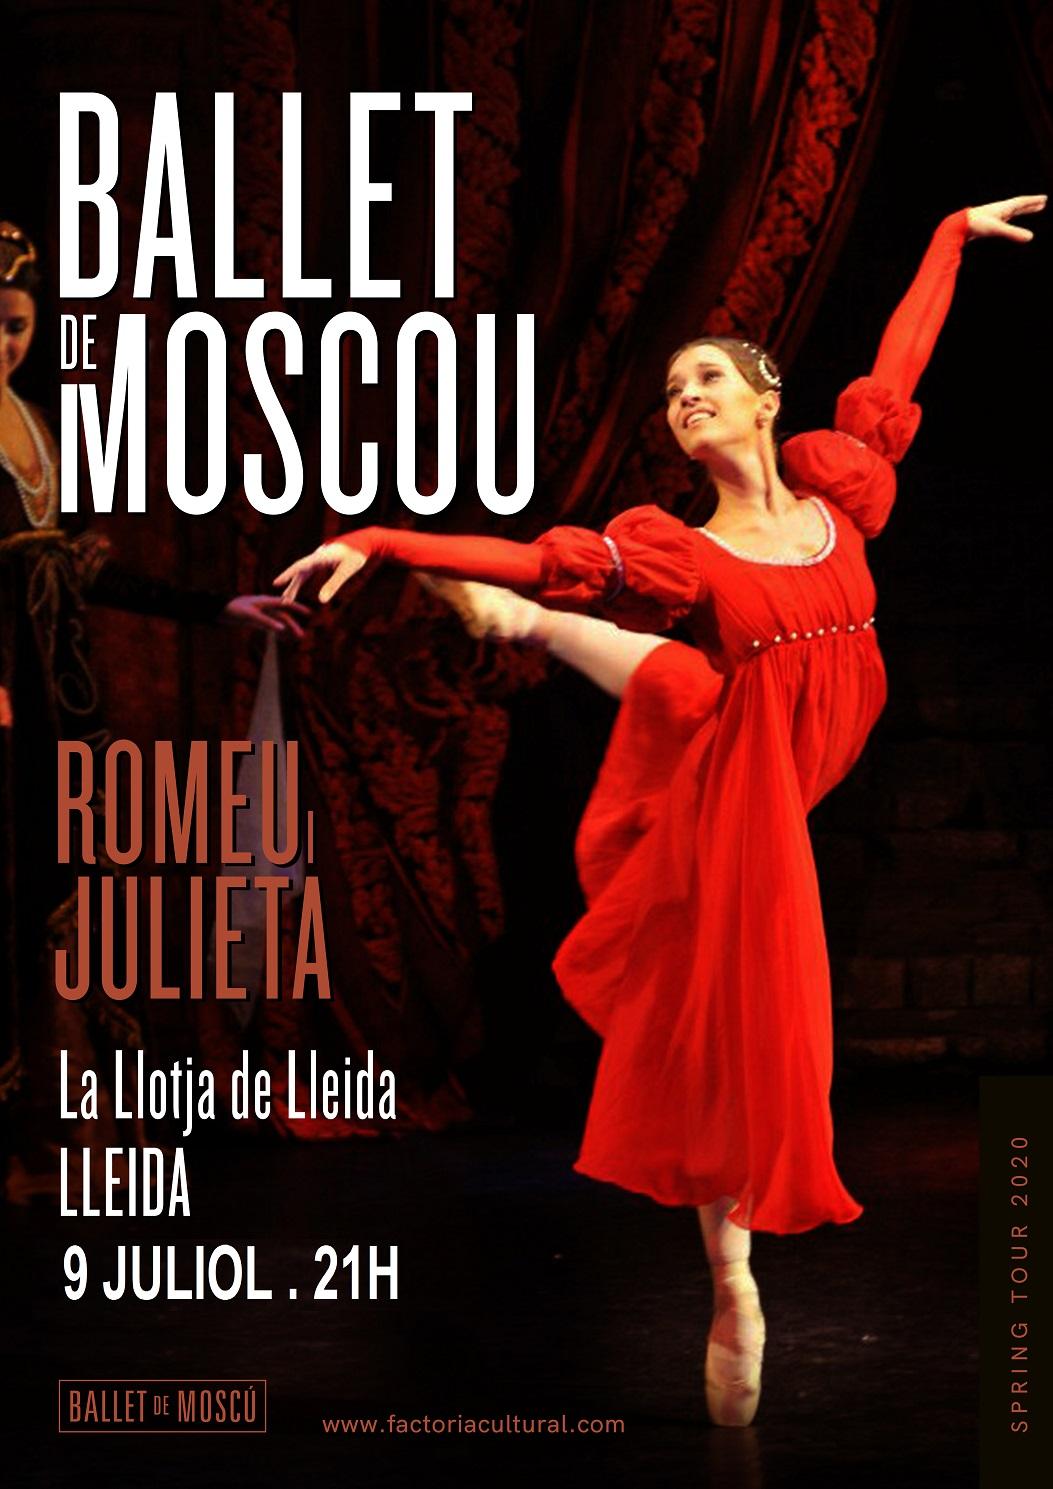 NOVA DATA: Romeu i Julieta - Ballet de Moscou